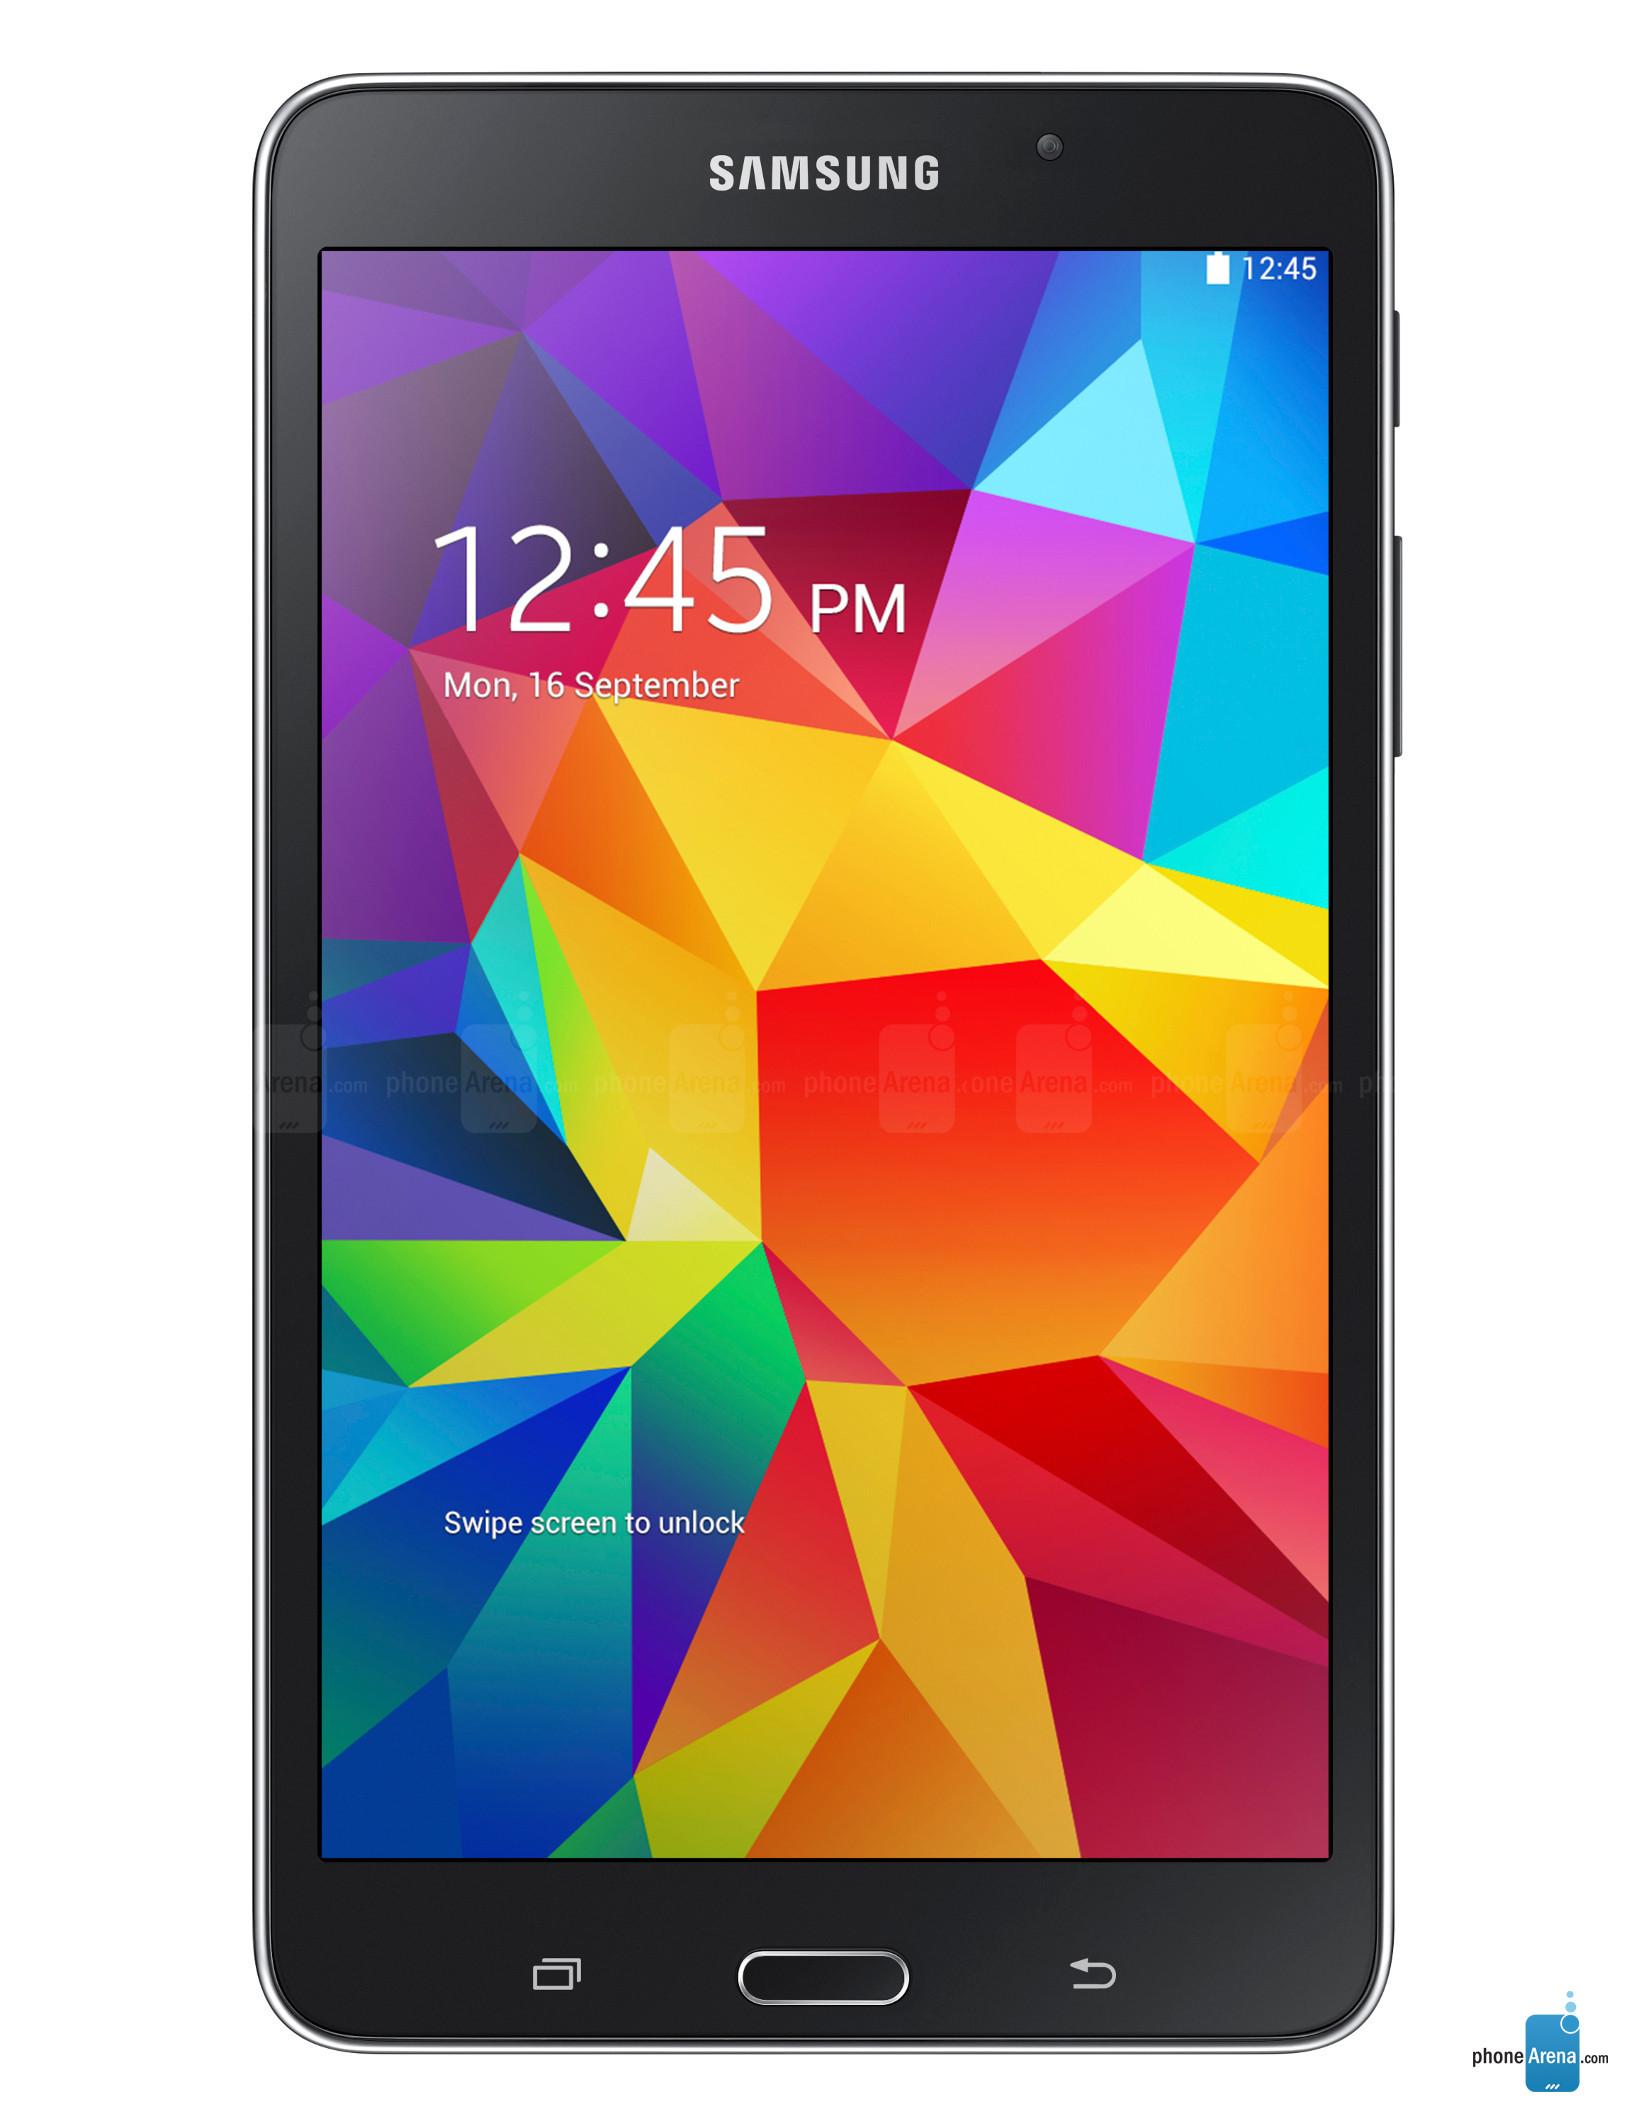 003-Samsung-Galaxy-Tab-4-7.0-0